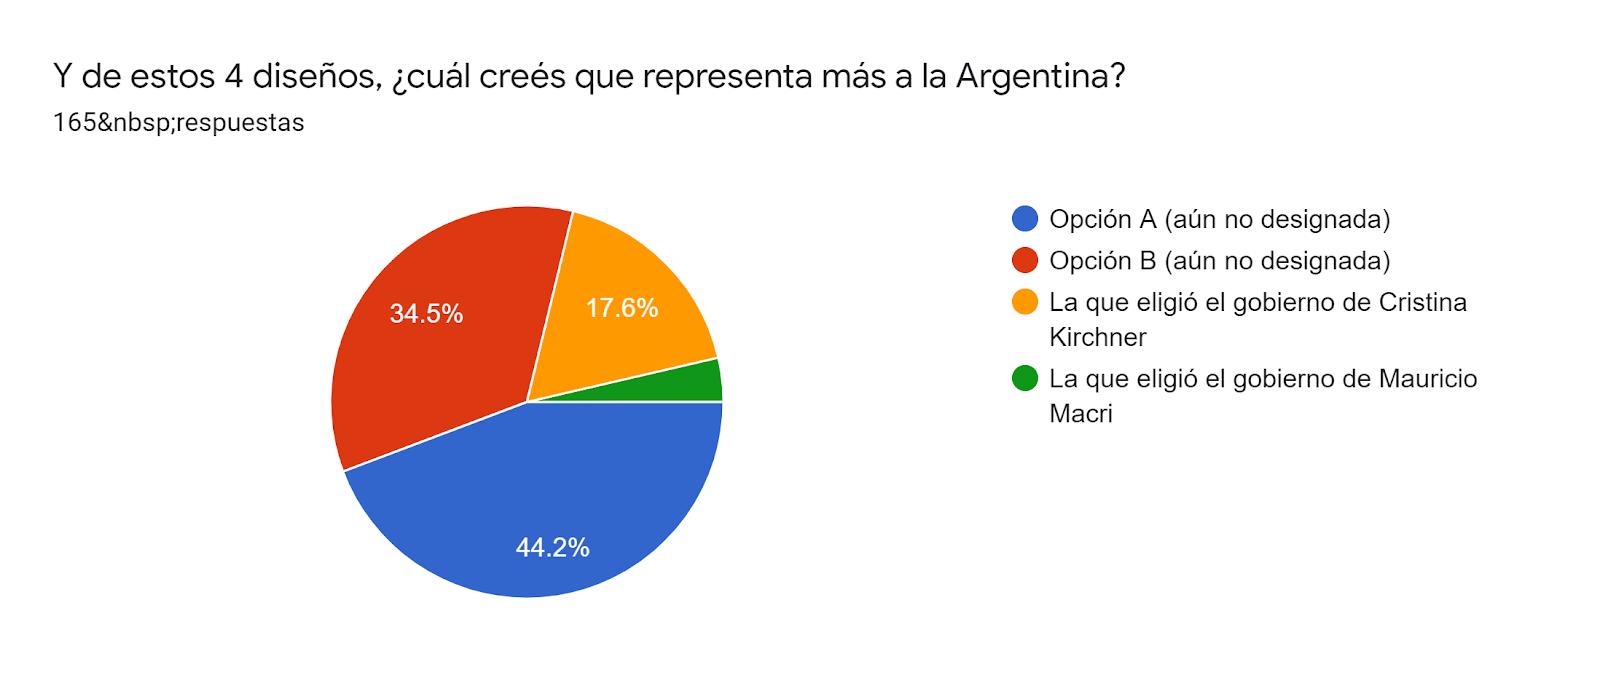 Gráfico de las respuestas de Formularios. Título de la pregunta: Y de estos 4 diseños, ¿cuál creés que representa más a la Argentina?. Número de respuestas: 165respuestas.